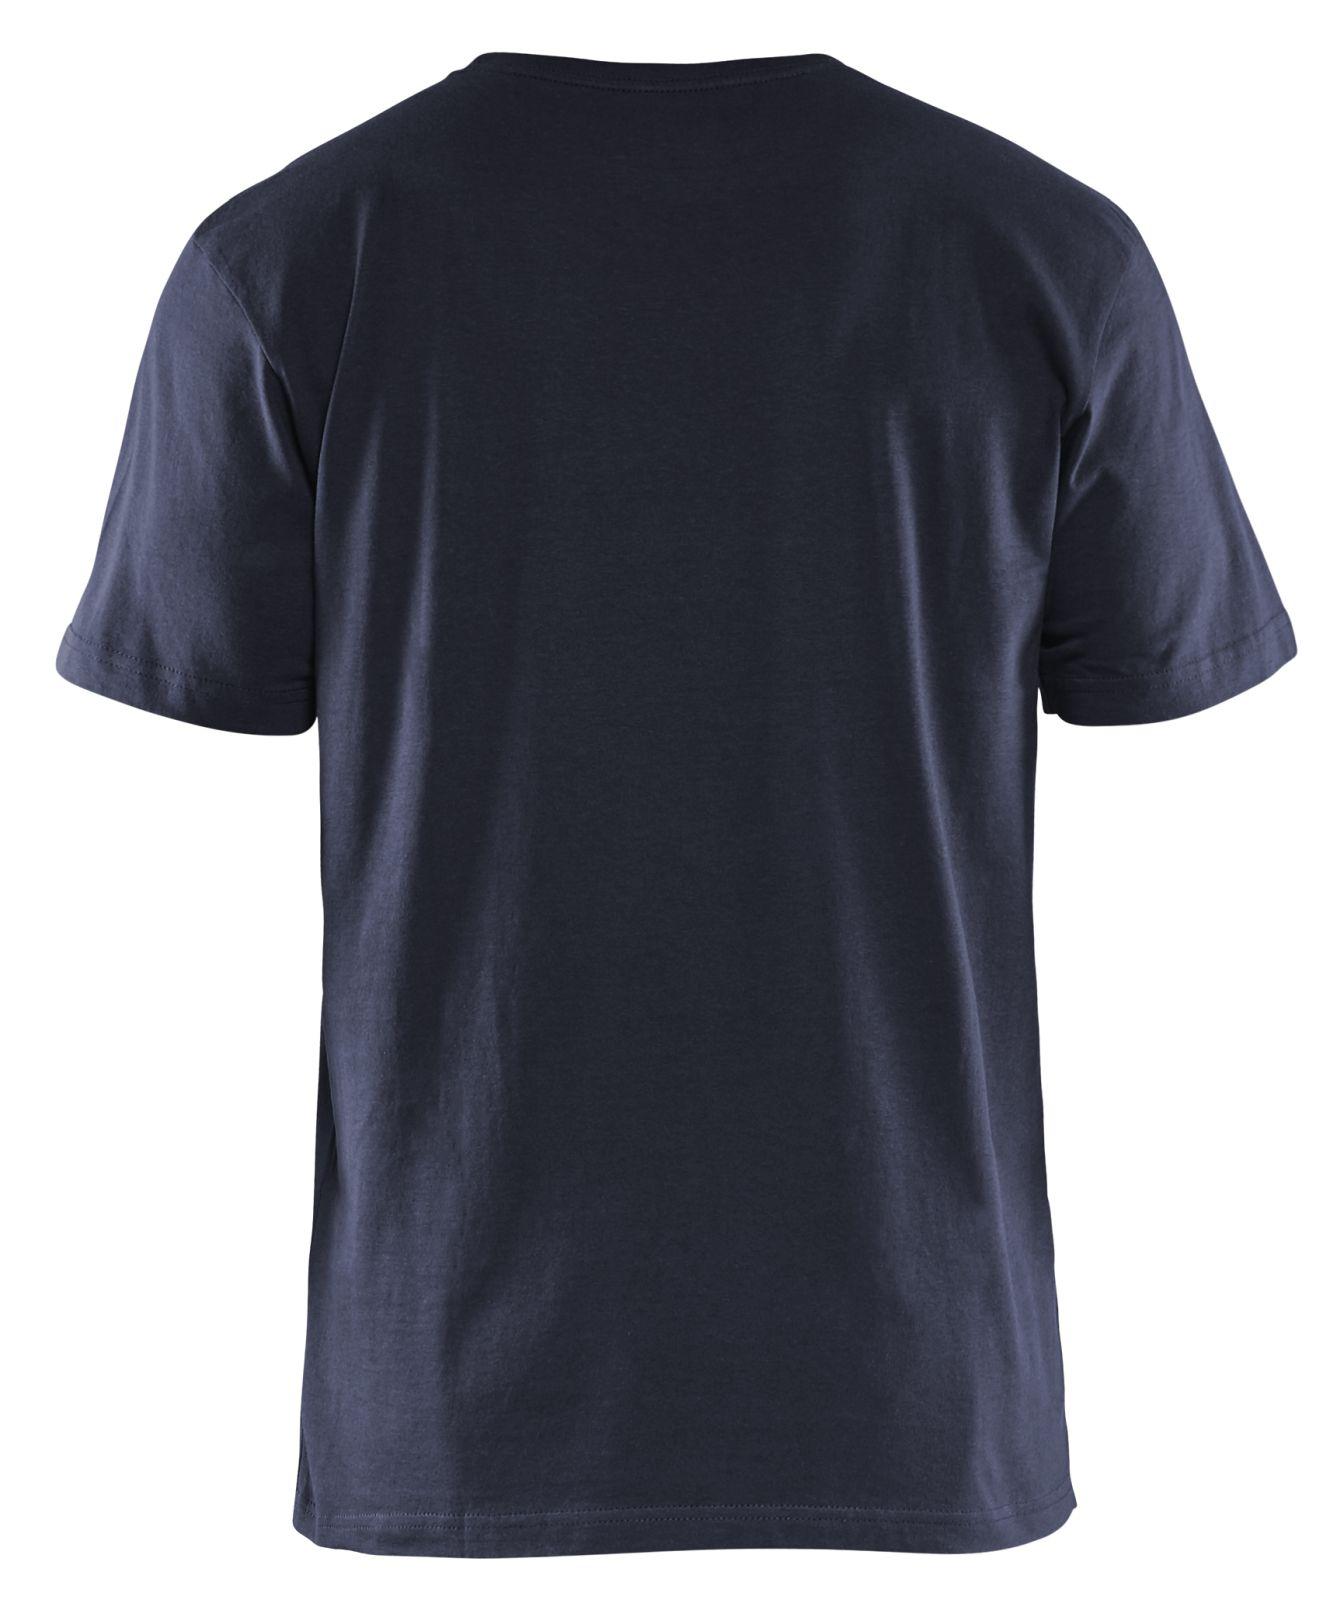 Blaklader T-shirts 35251042 marineblauw(8600)